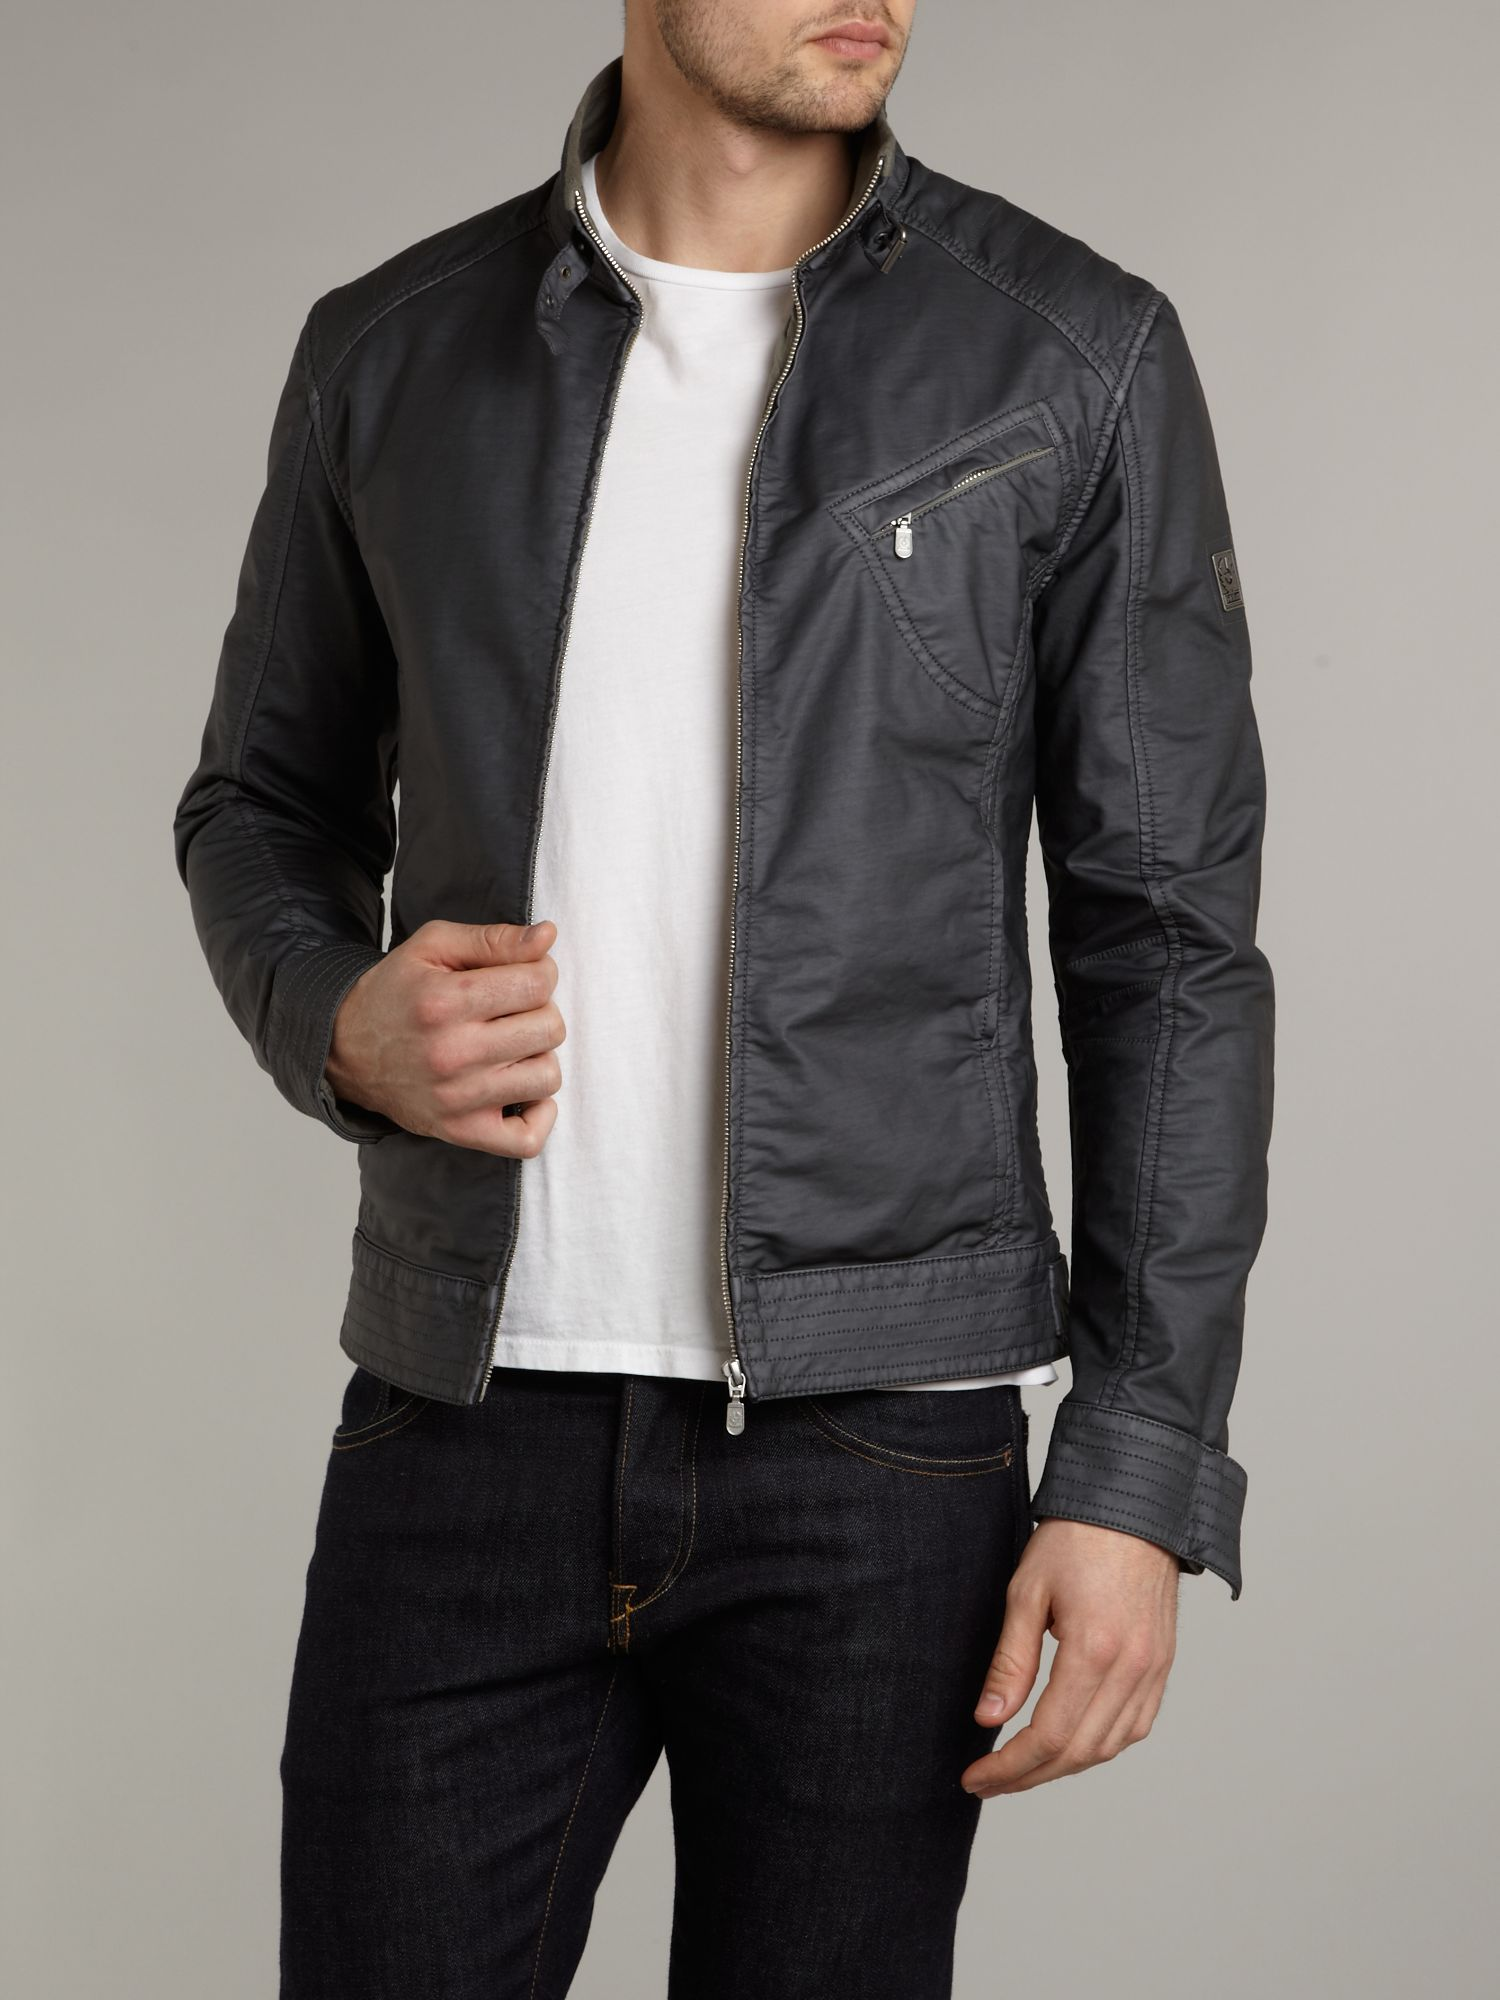 Belstaff H Racer Jacket Black